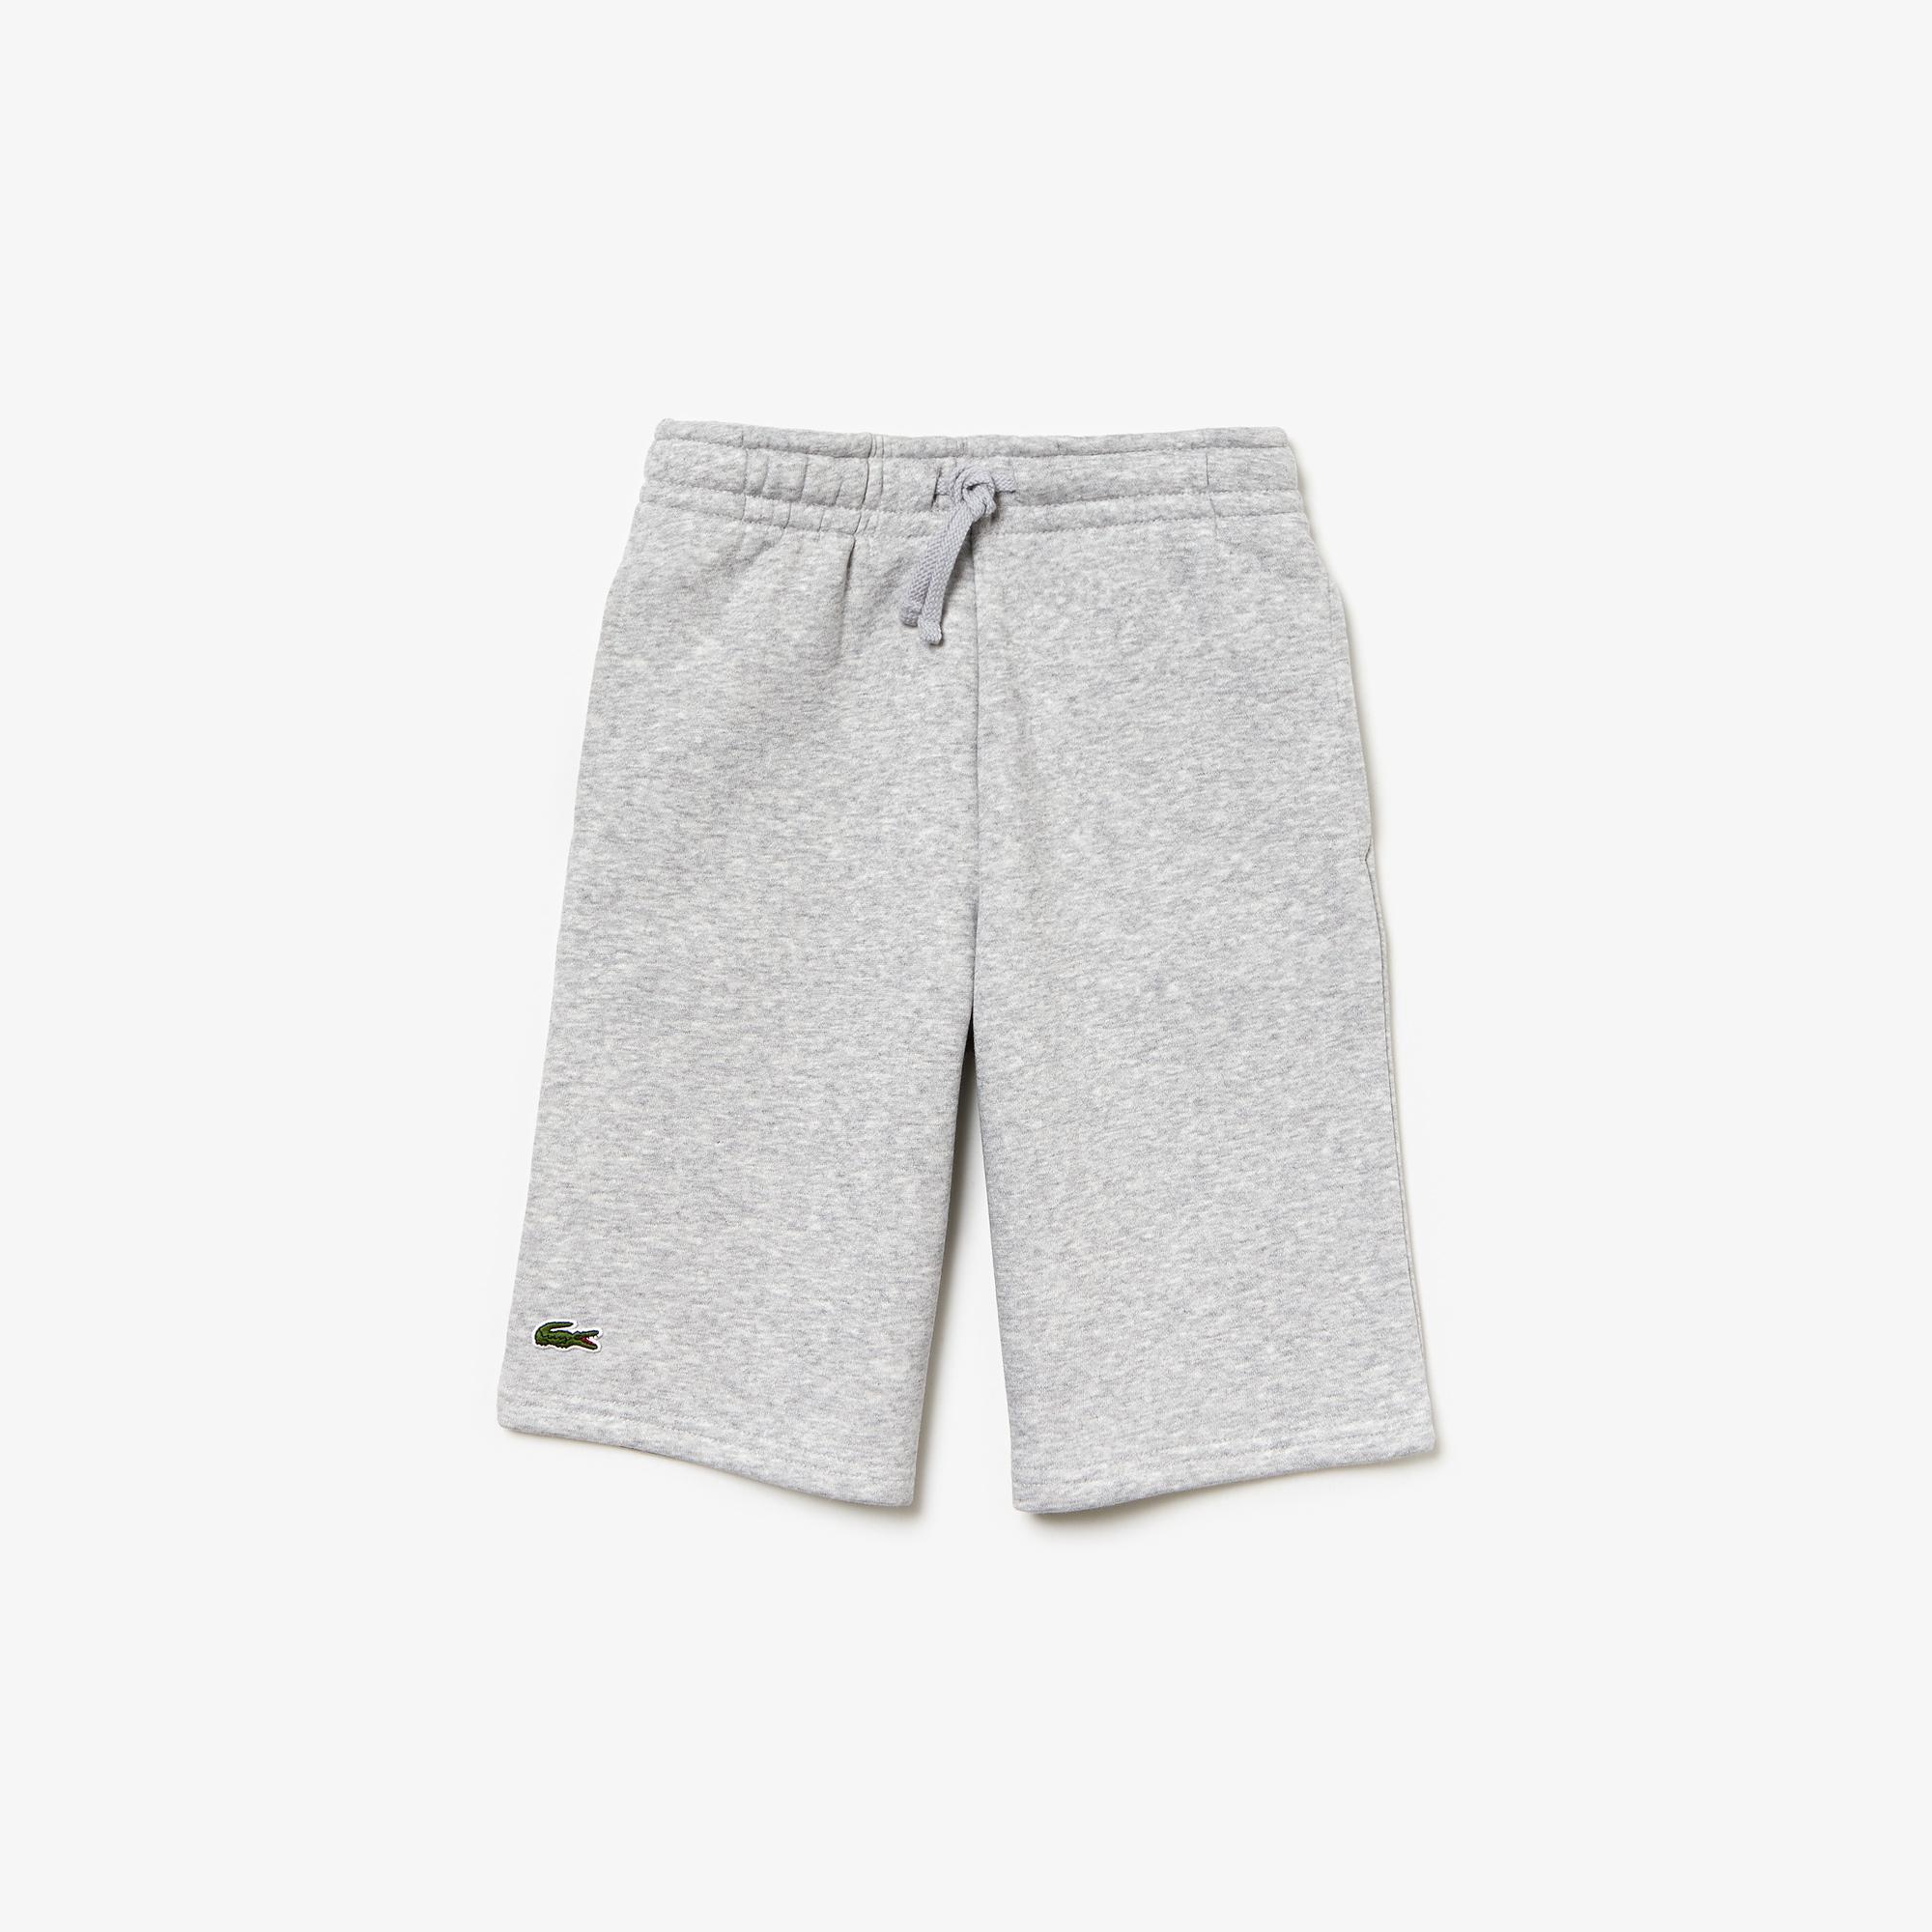 라코스테 보이즈 플리스 스웻팬츠 Lacoste Boys SPORT Fleece Sweatpants,Black - 031